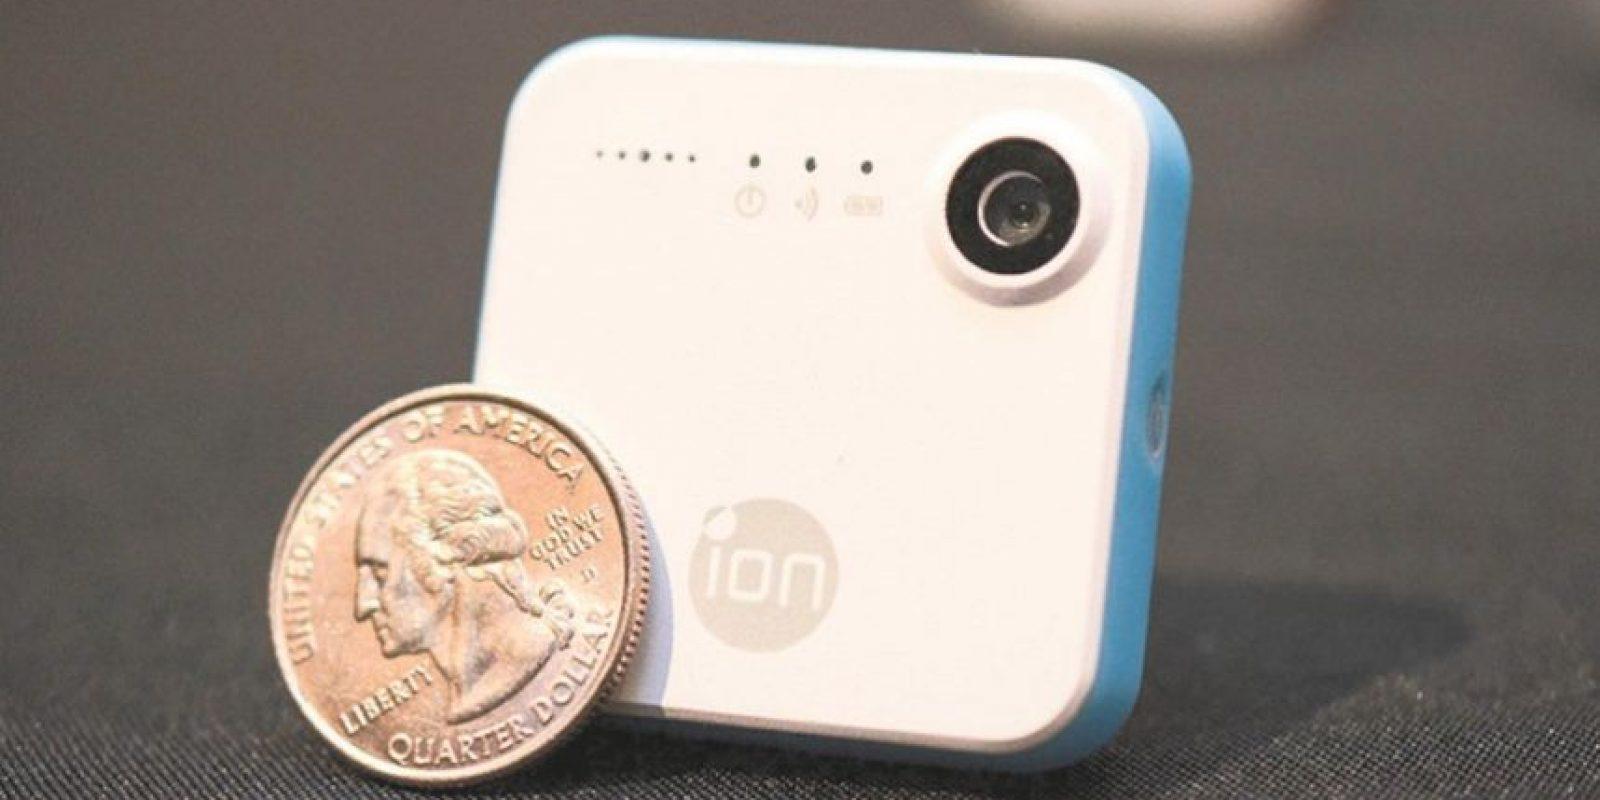 2- iON SnapCam. Esta pequeña cámara de peso ligero se puede adjuntar a la ropa con un gancho o un imán. Así, mientras estás explorando nuevos lugares, no tienes que preocuparte por perder esa imagen perfecta. Cuando estás listo para tomar una foto, un vídeo o transmitir en vivo, simplemente pulsa uno, dos o tres veces. Todos los datos de la cámara se pueden cargar de forma inalámbrica a tu teléfono inteligente. Foto:Metro